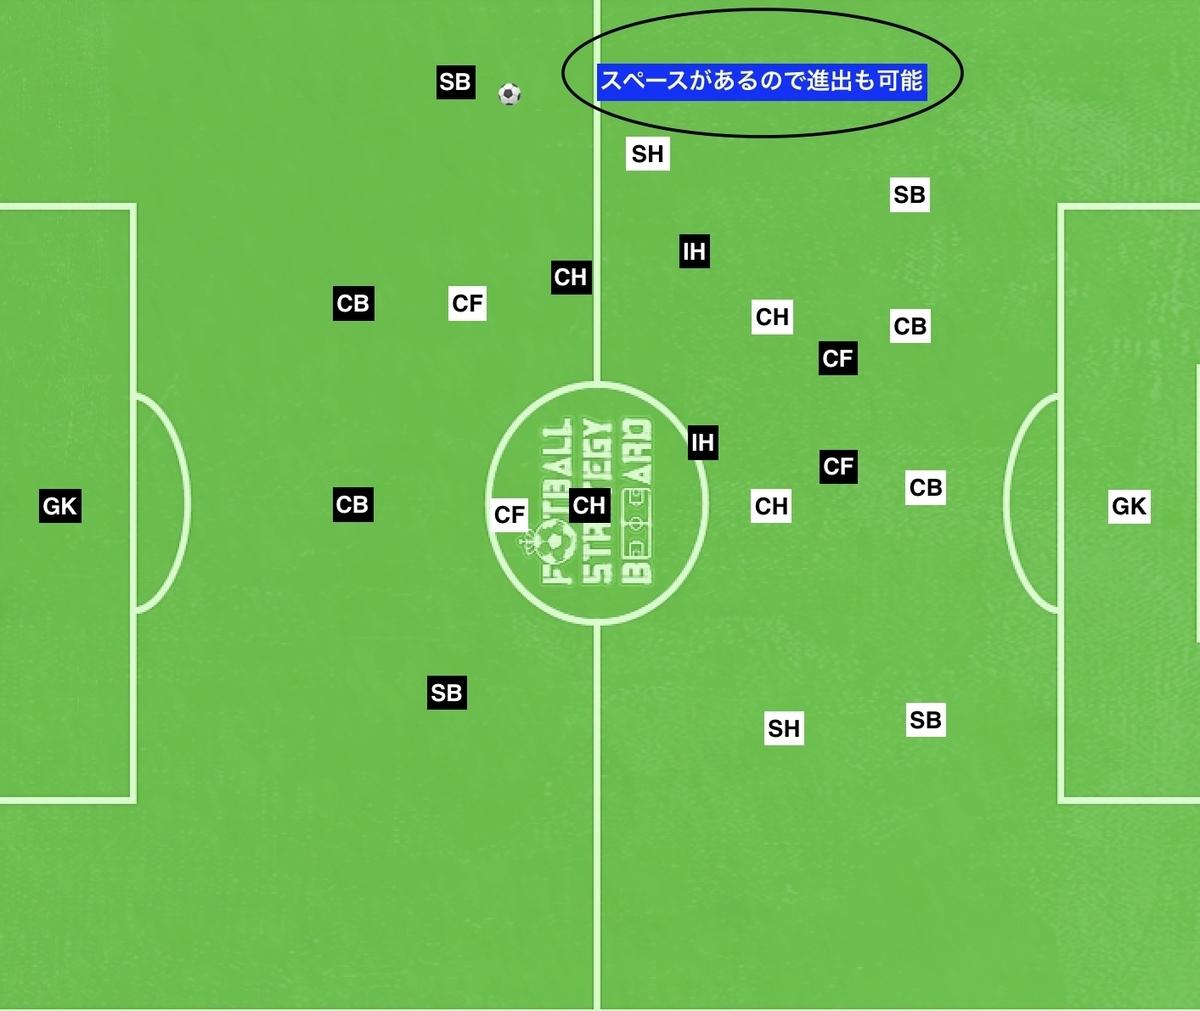 f:id:football-analyst:20190724114558j:plain